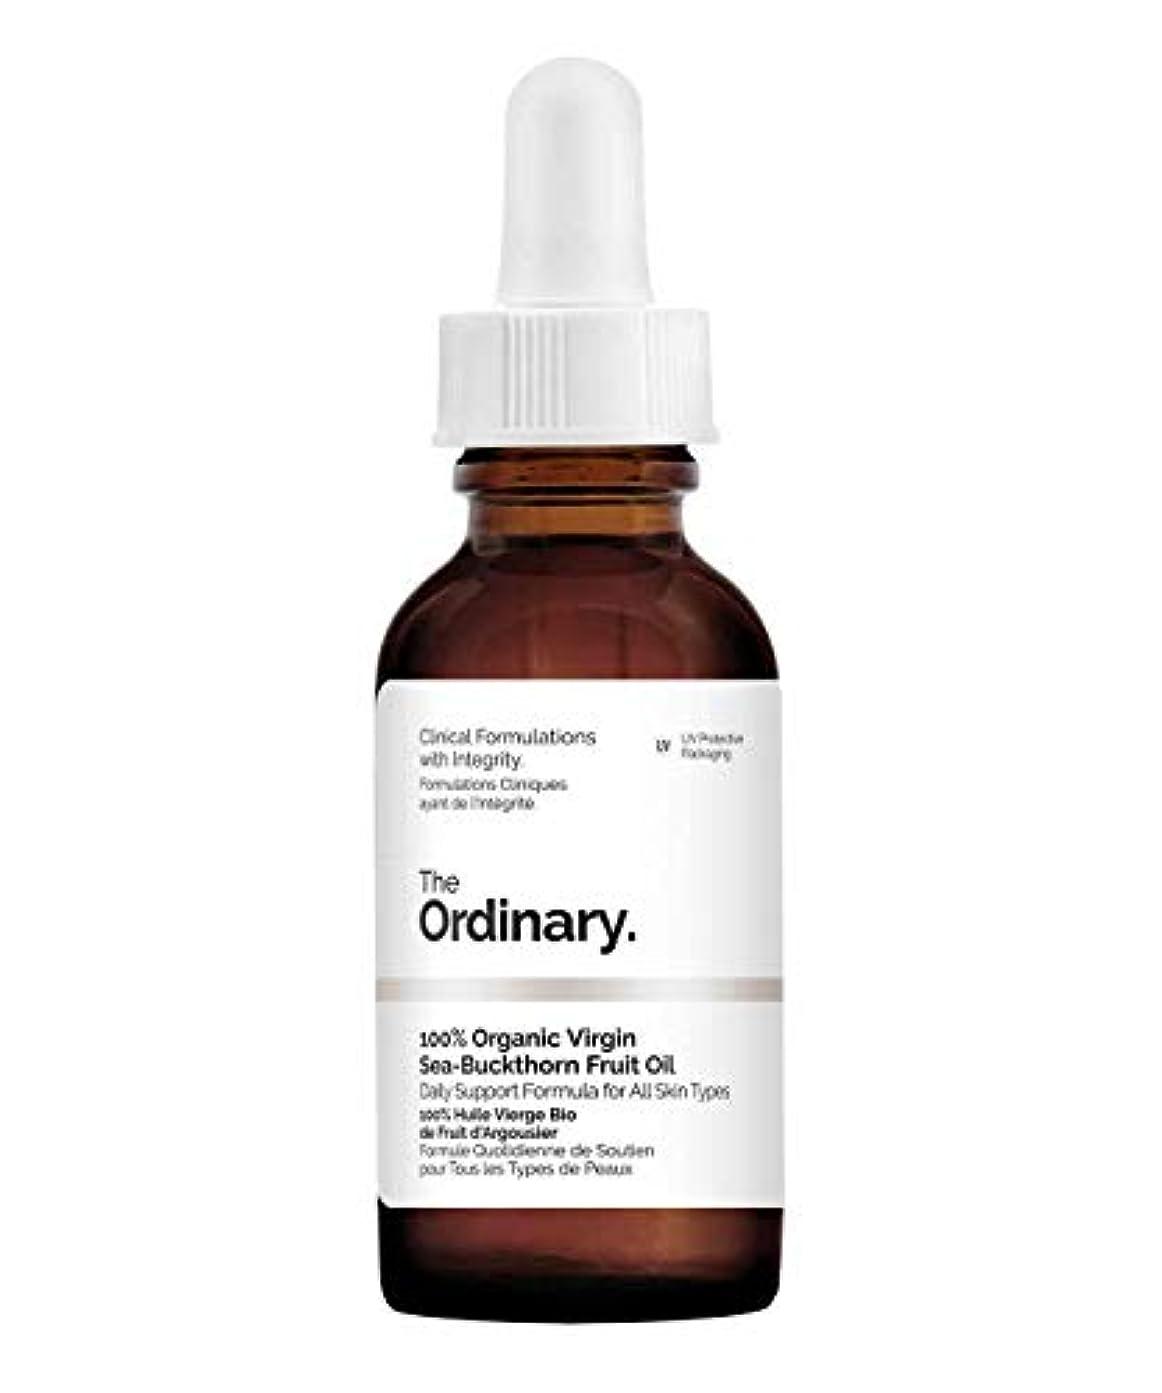 課税ボス背の高いThe Ordinary 100% Organic Virgin Sea Buckthorn Fruit Oil